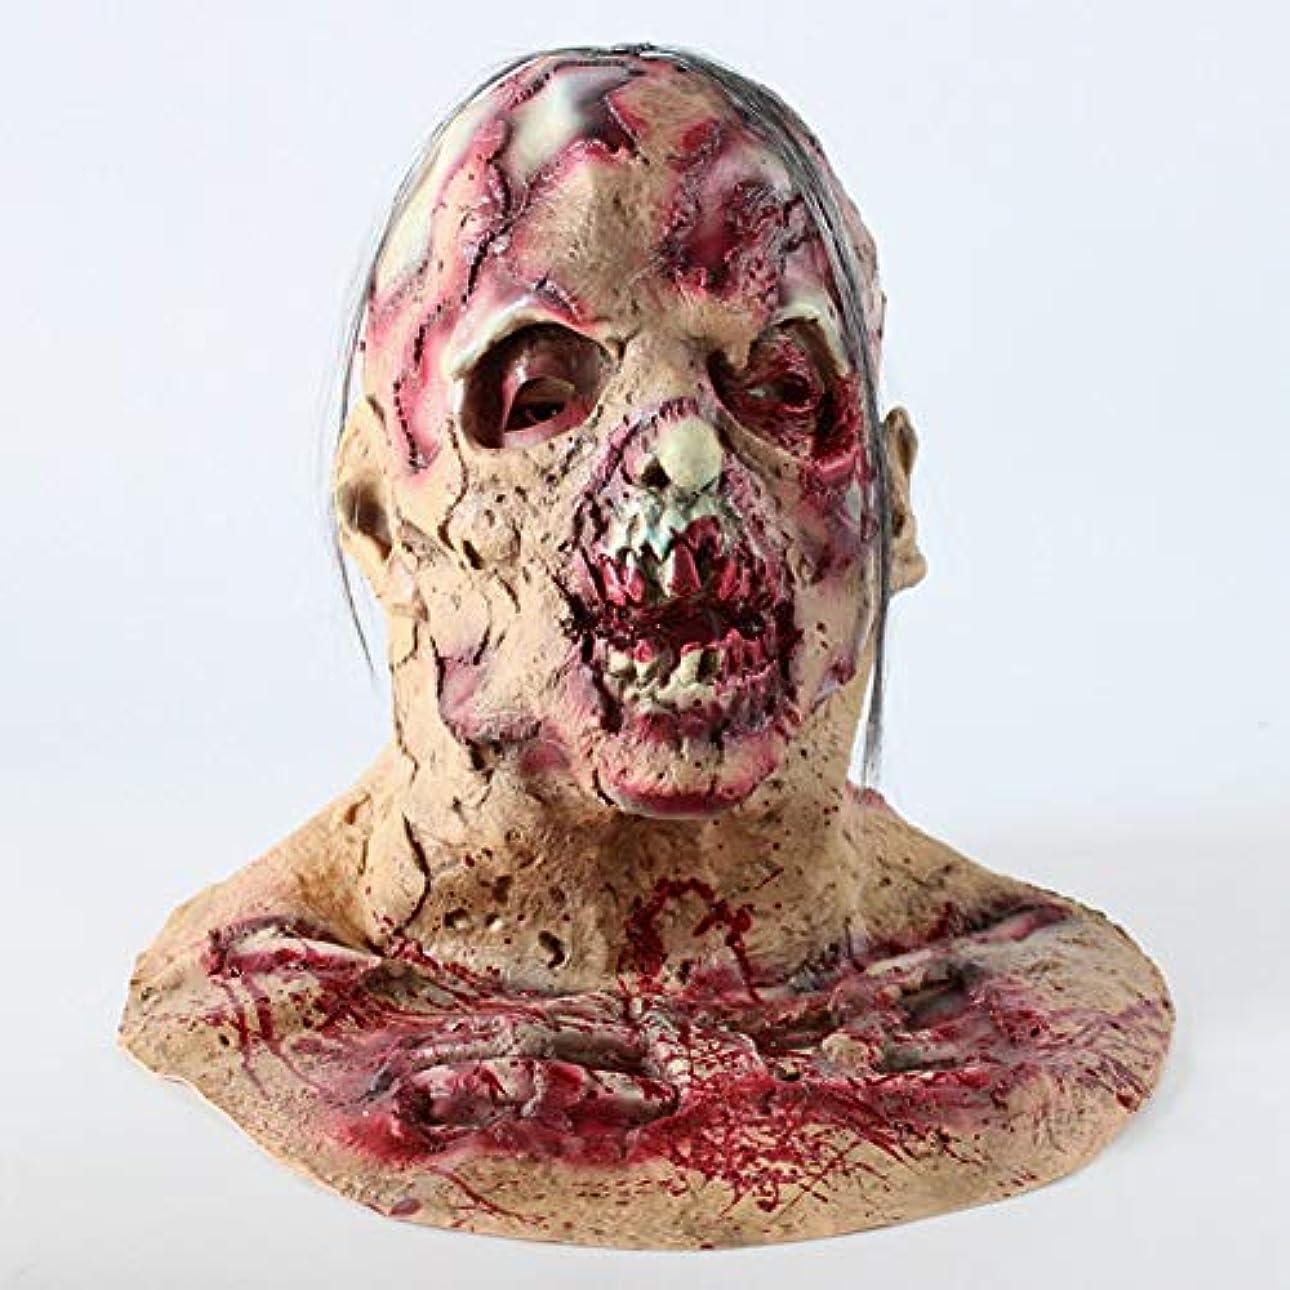 ウナギ報復するメンダシティハロウィーンホラーマスク、嫌なゾンビマスク、バイオハザードヘッドマスク、パーティー仮装ラテックスマスク